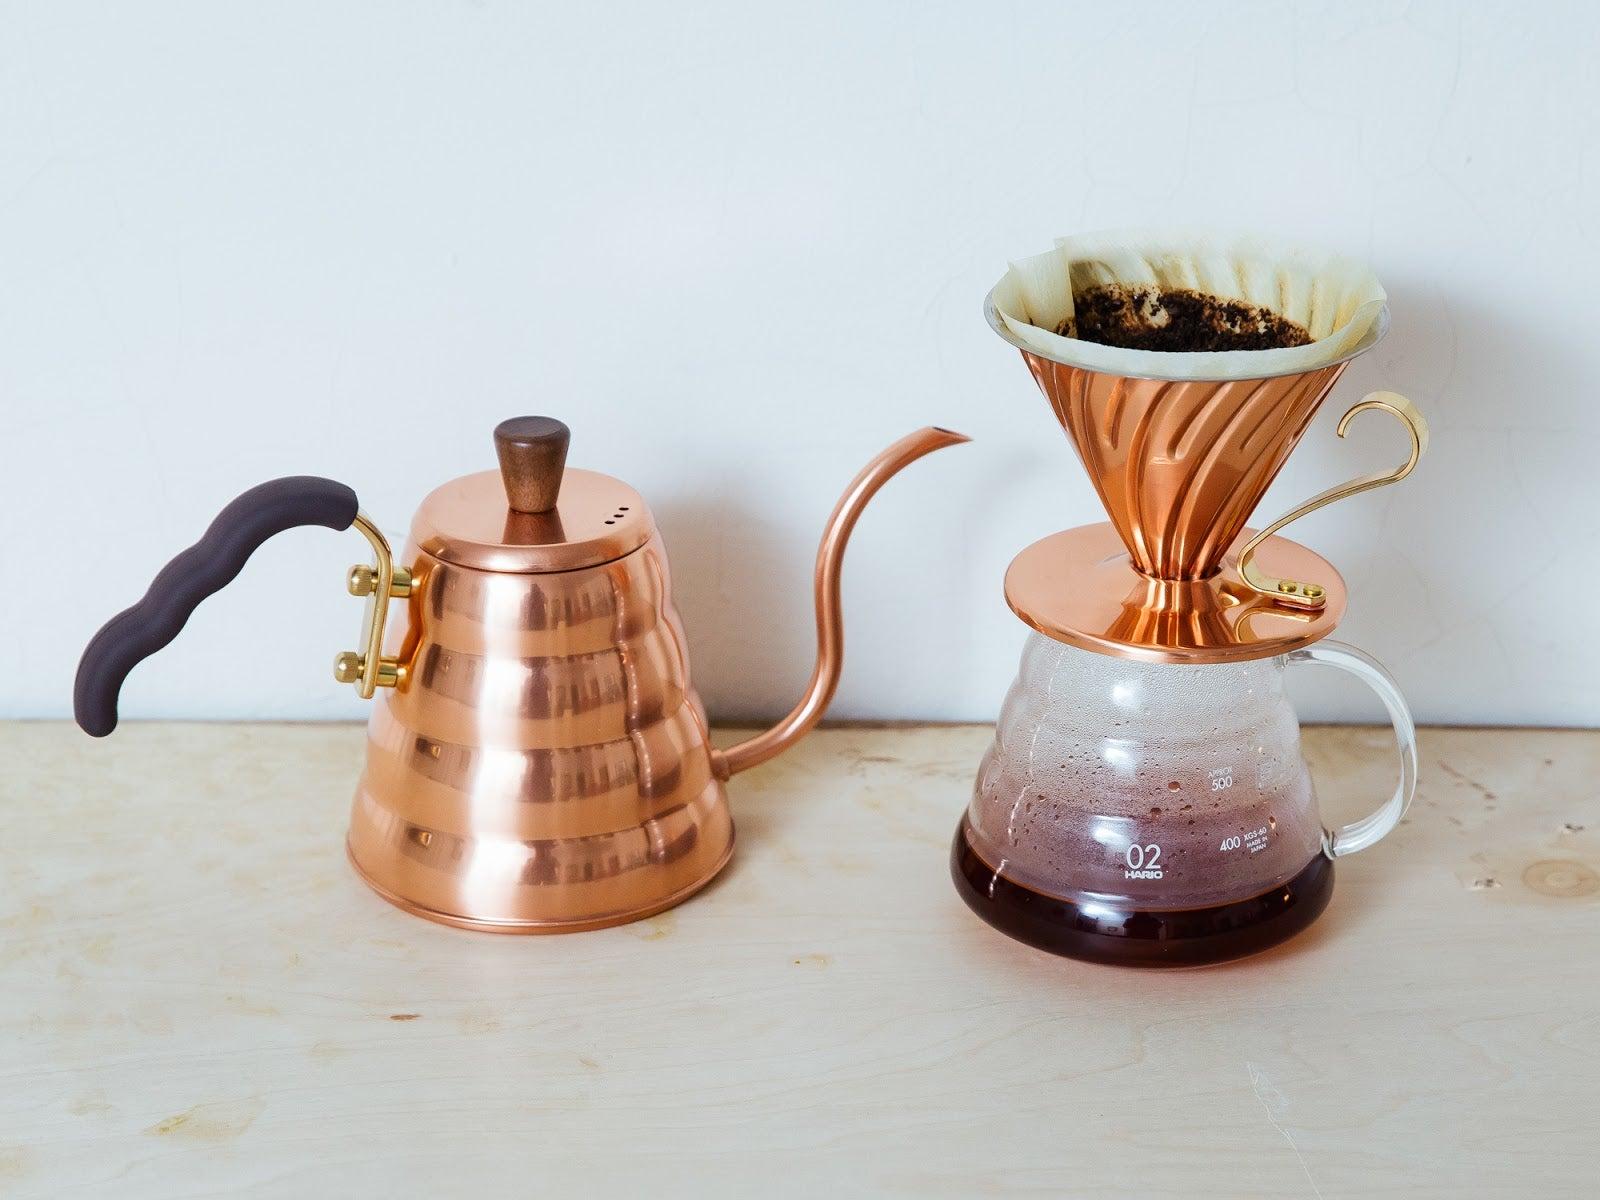 Hario Copper Pour-Over Set